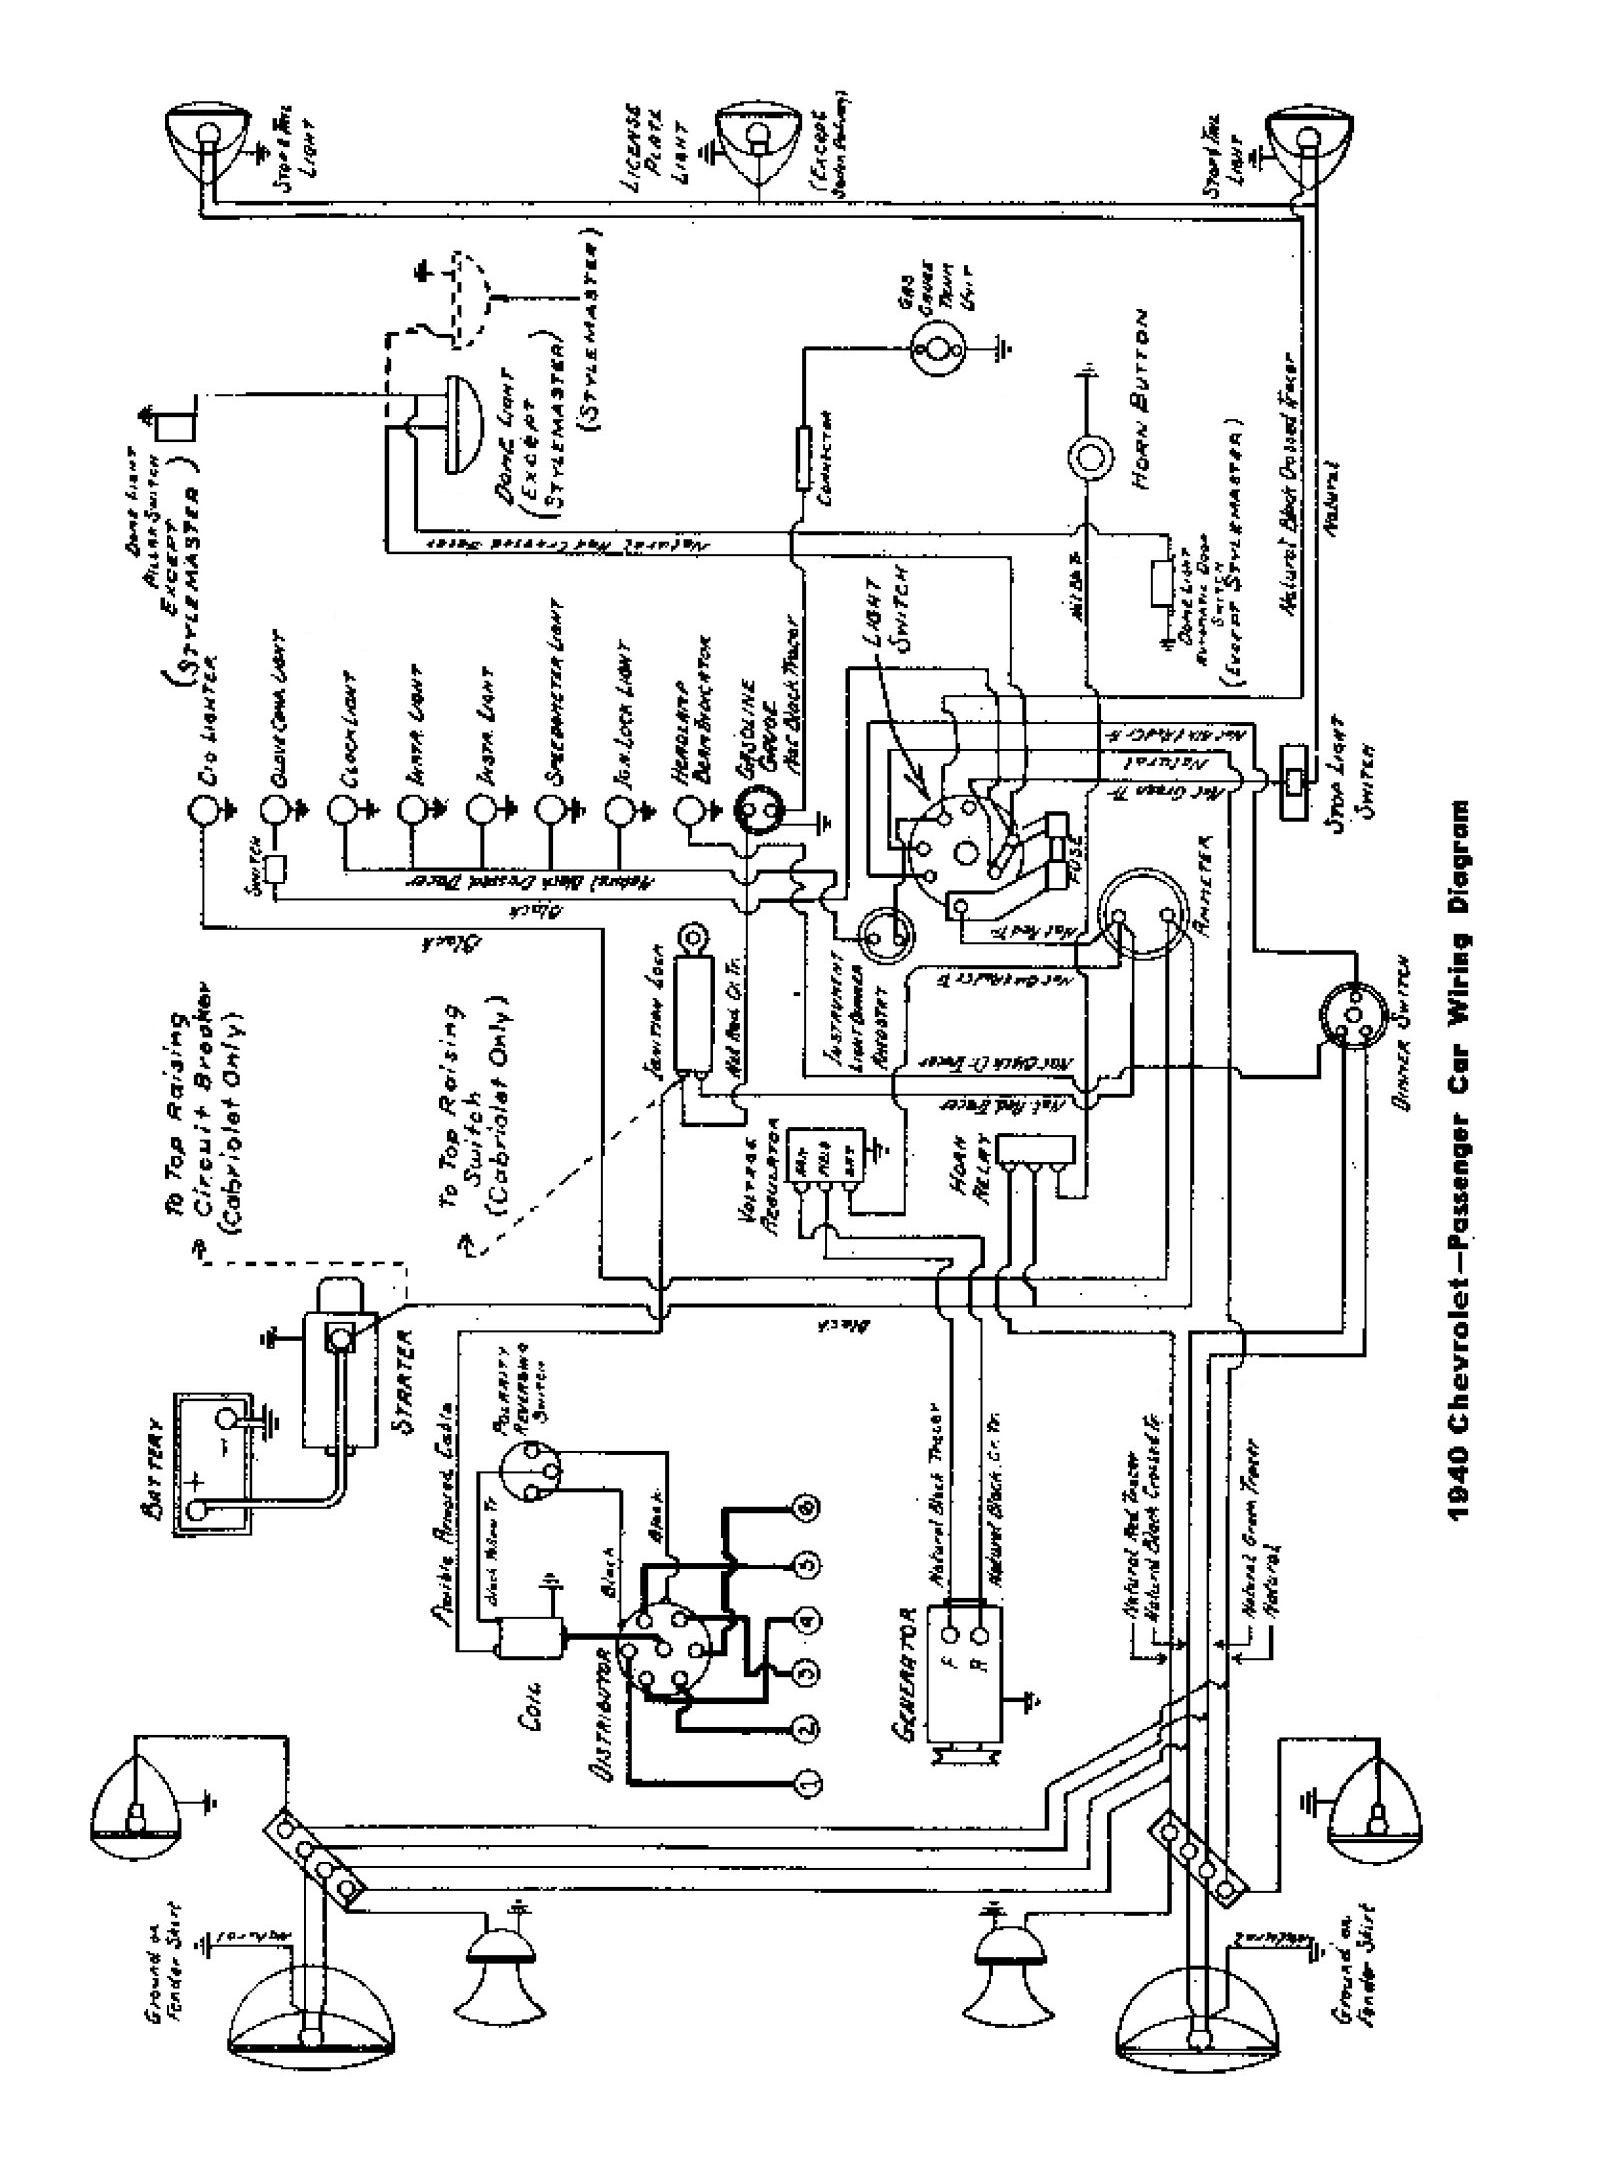 Car Reverse Light Wiring Diagram Wiring Diagrams Of Car Reverse Light Wiring Diagram